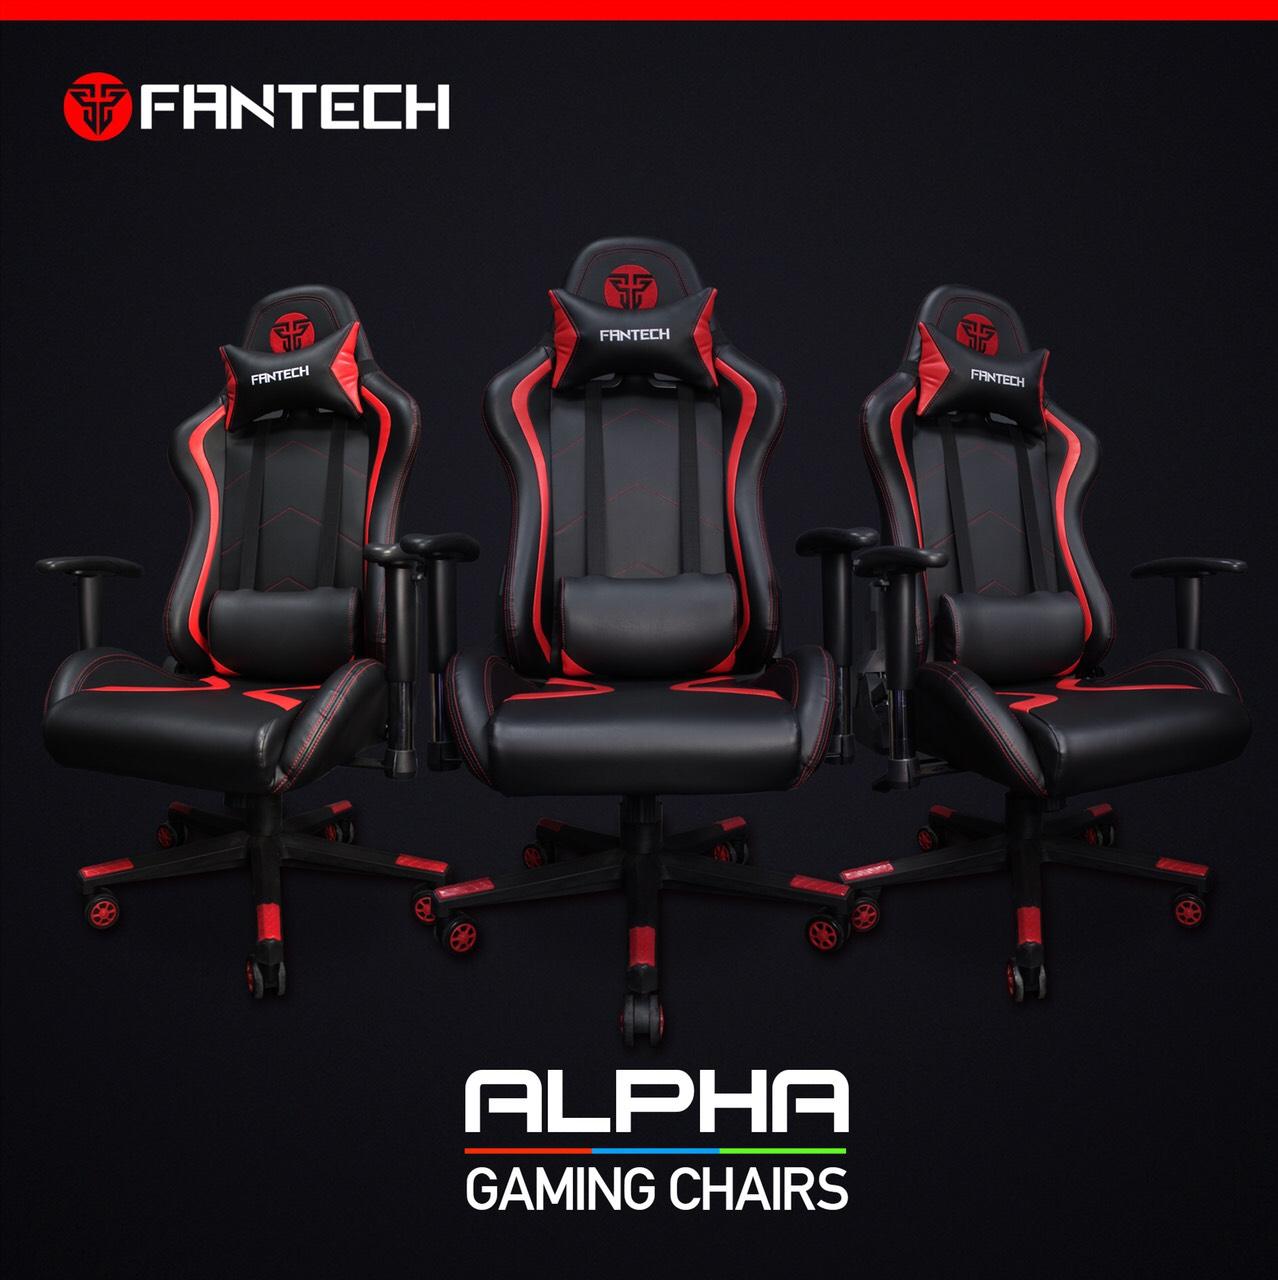 Fantech Alpha GC181 Gaming chair